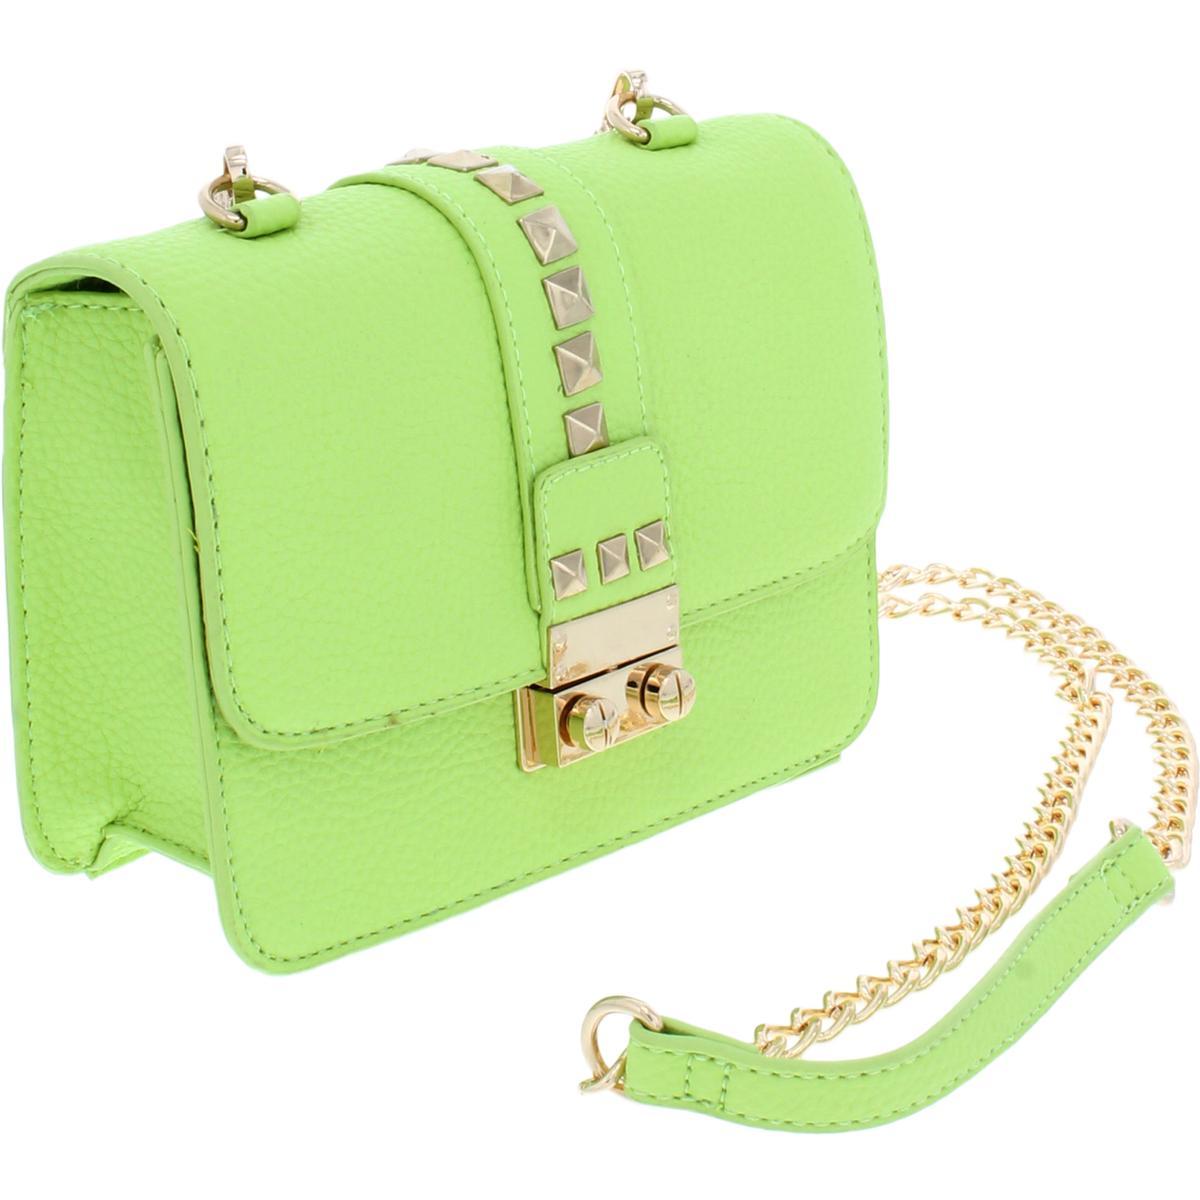 a4c2e34590 BCBG Paris Womens Caviar Faux Leather Mini Crossbody Handbag Purse ...